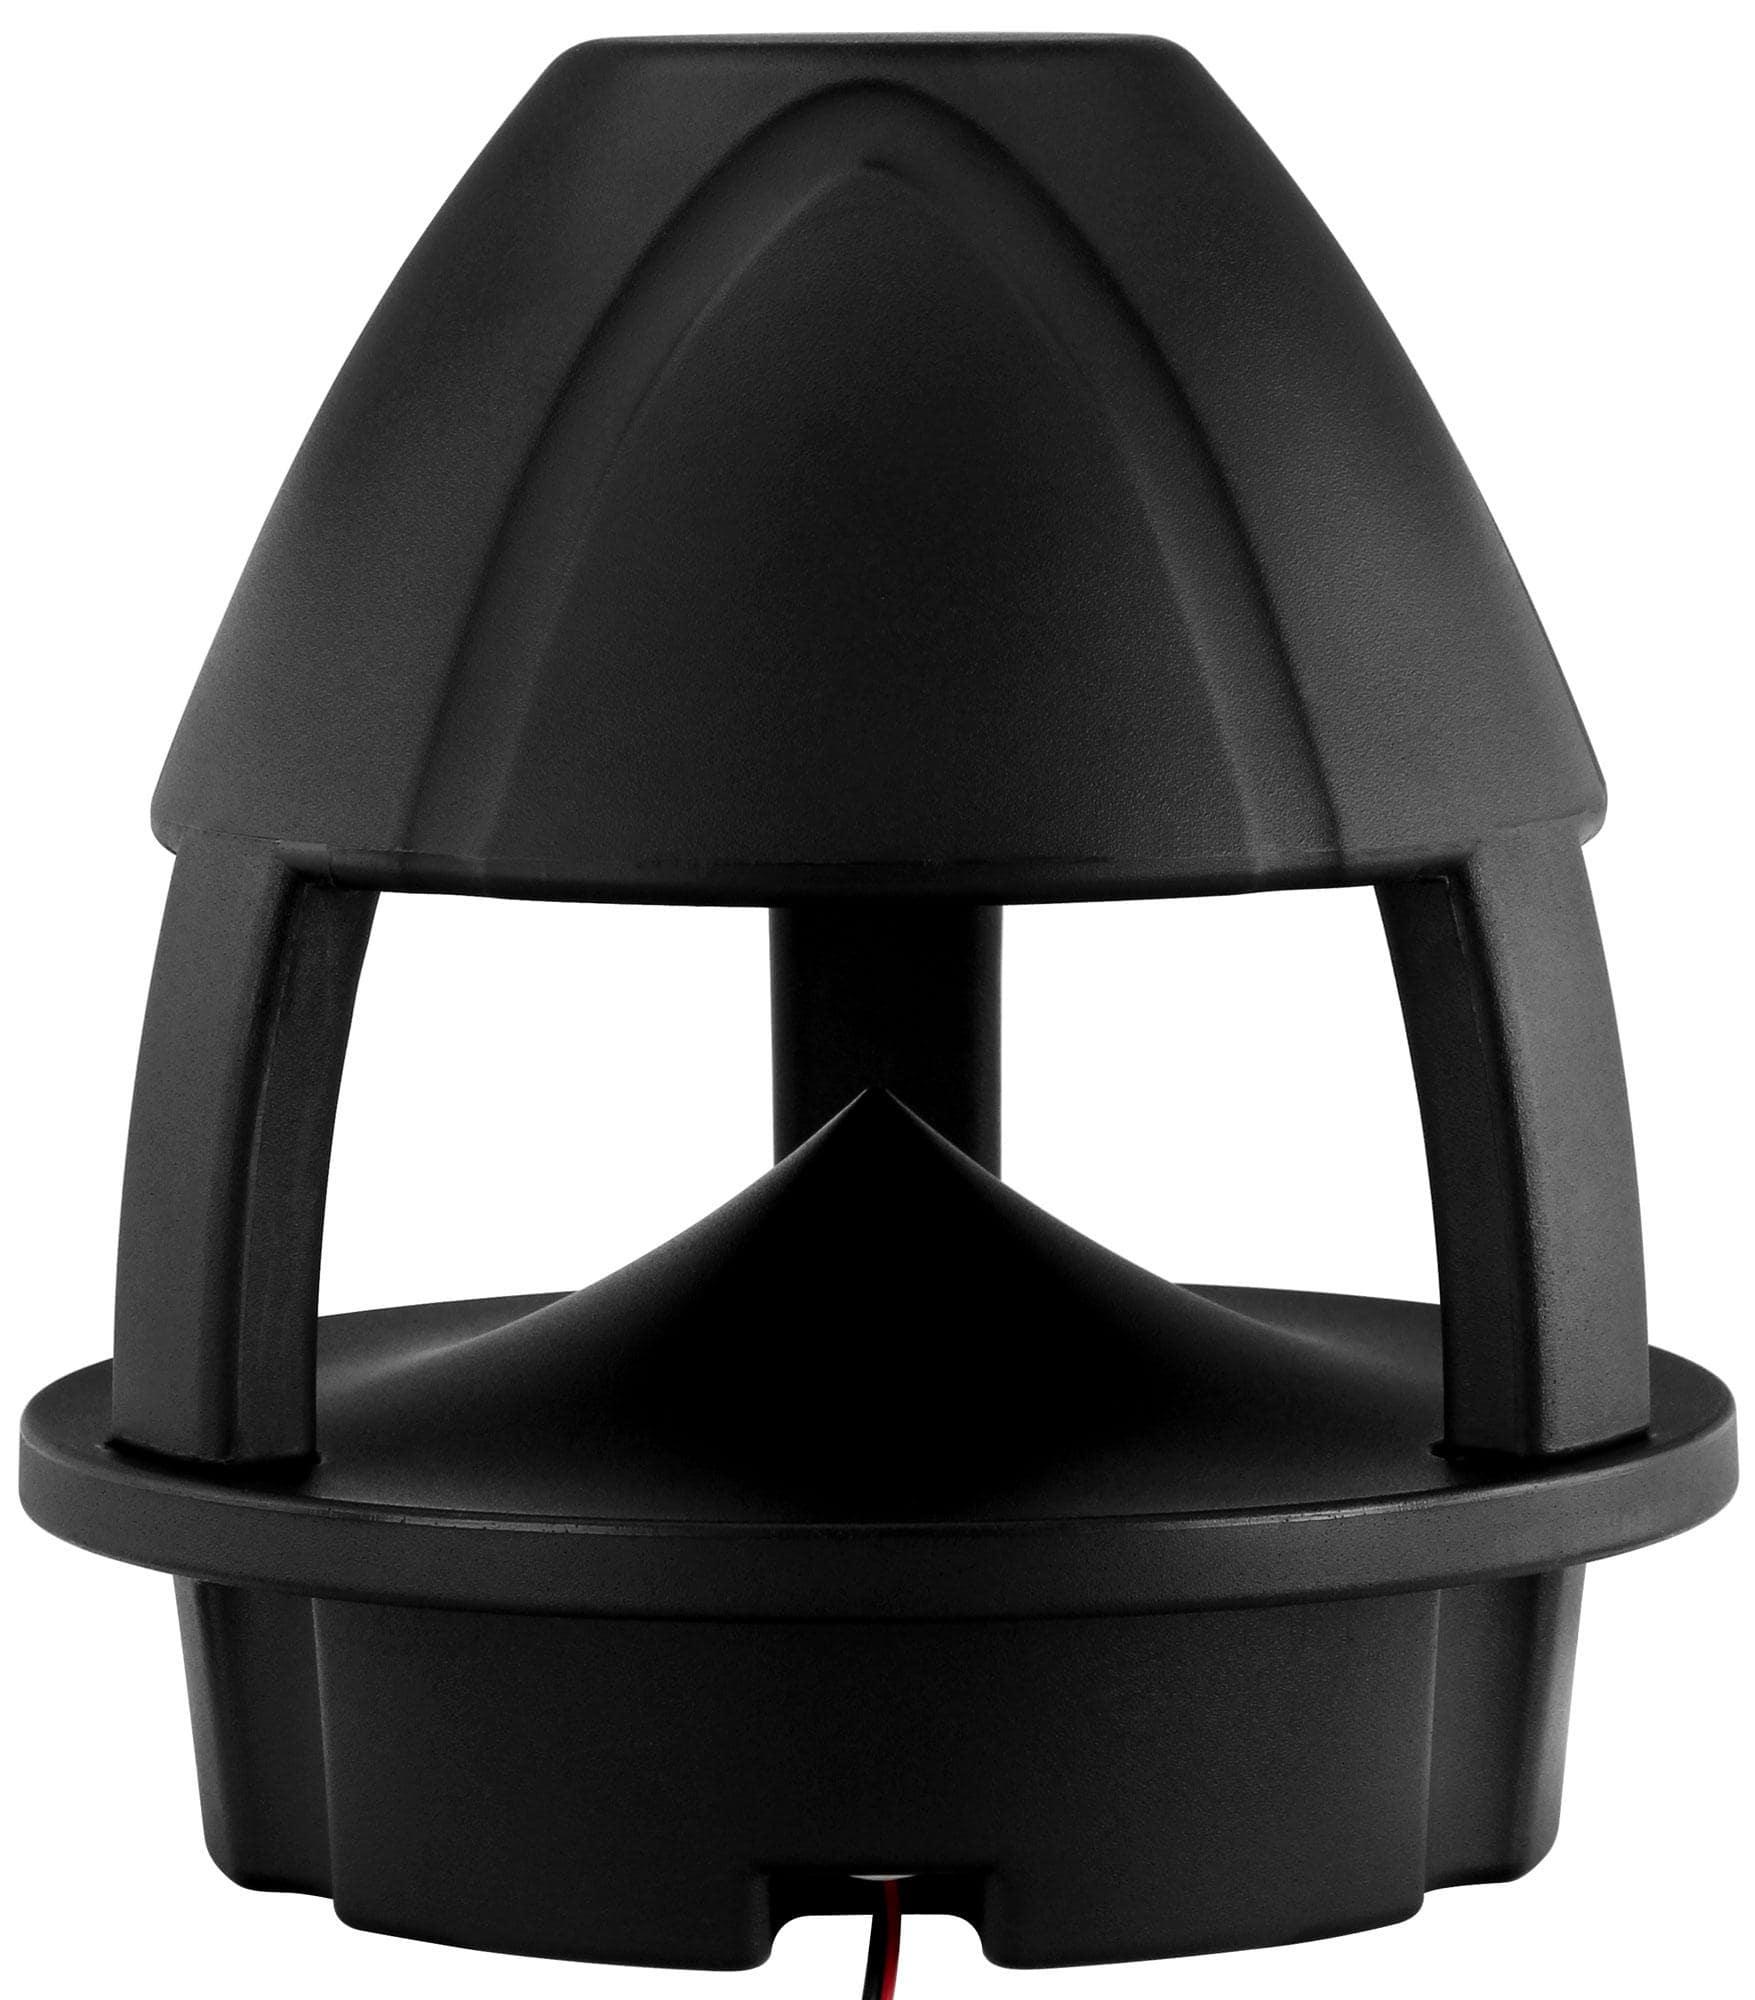 Pronomic HLS 560 BK 360° Outdoor Lautsprecher schwarz 240 Watt Retoure (Verpackungsschaden)